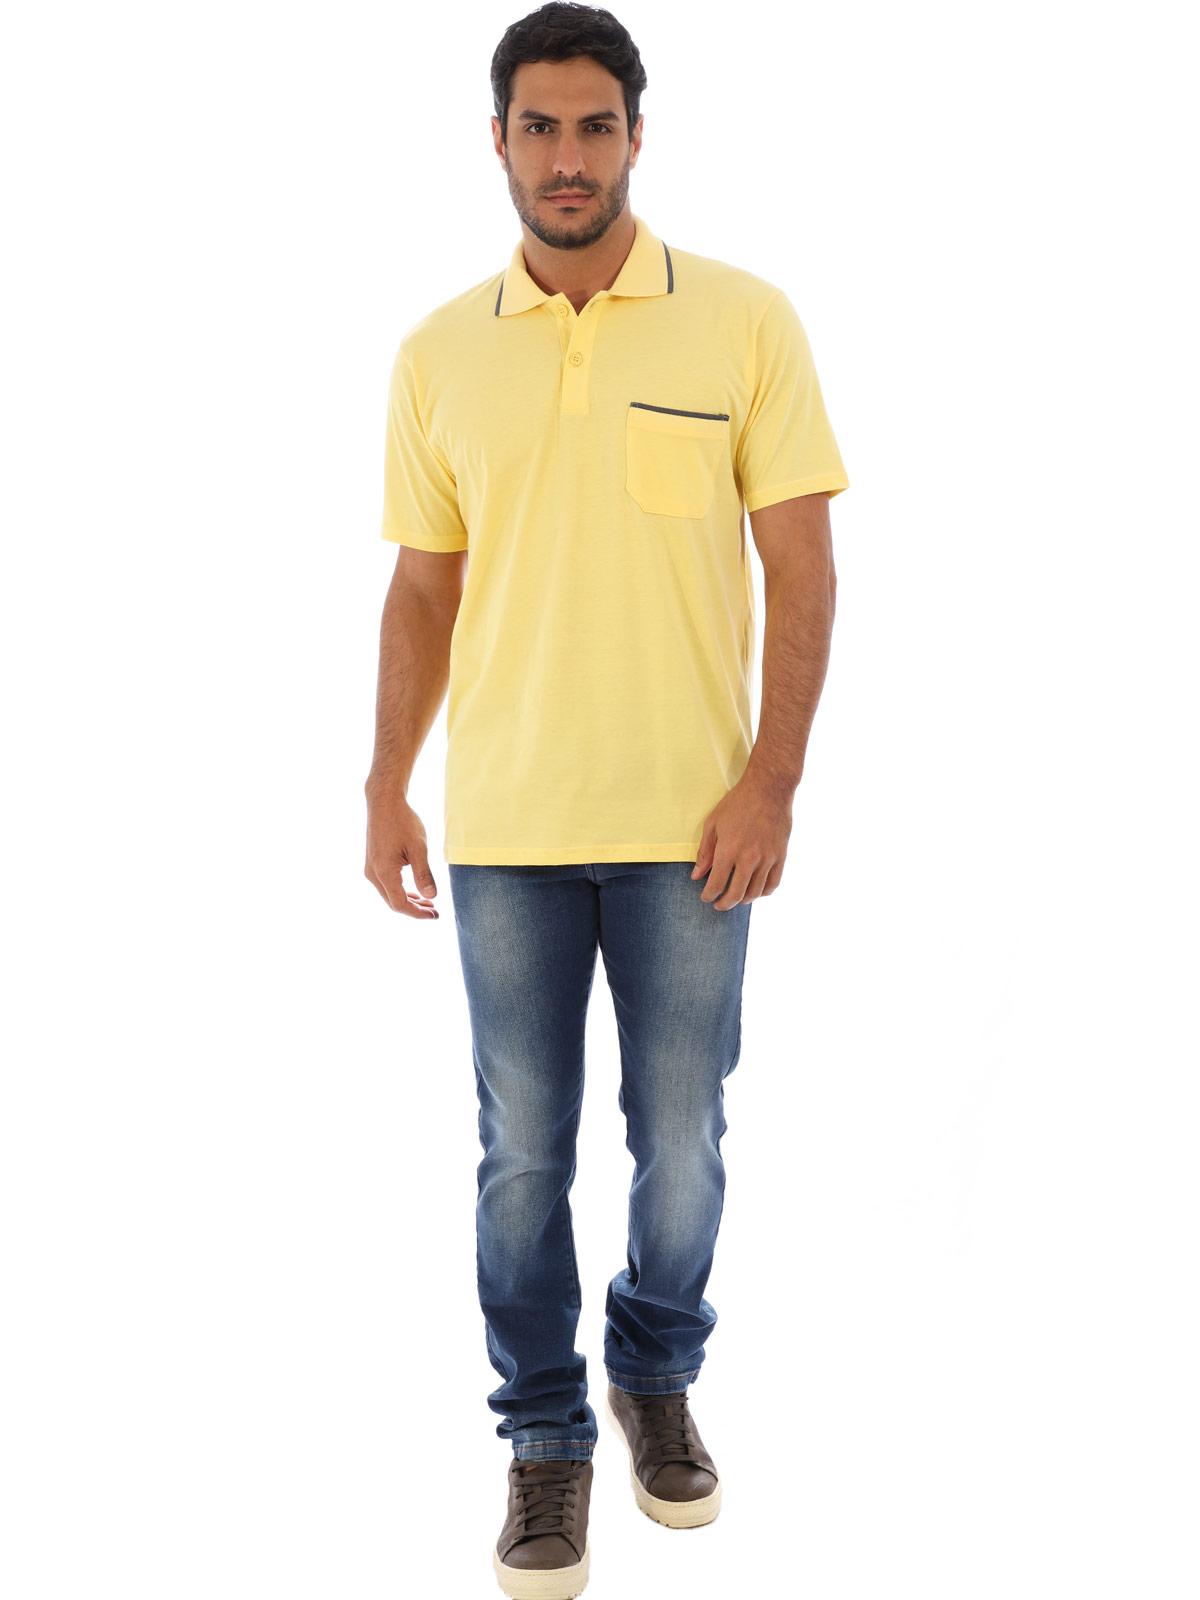 Camisa Polo Masculina com Bolso Retilínea Algodão Amarelo